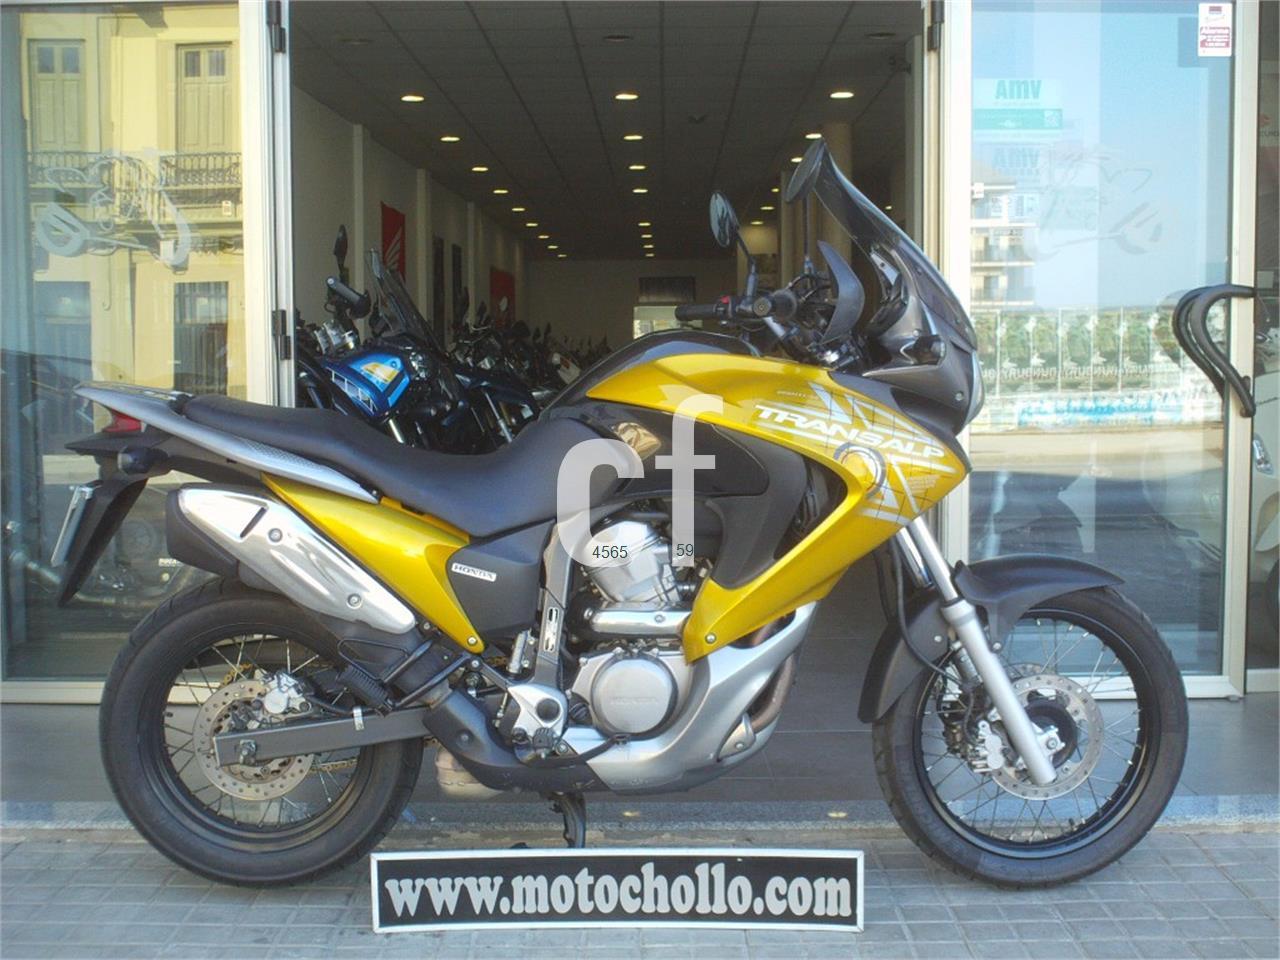 HONDA Transalp XL 700 V de venta